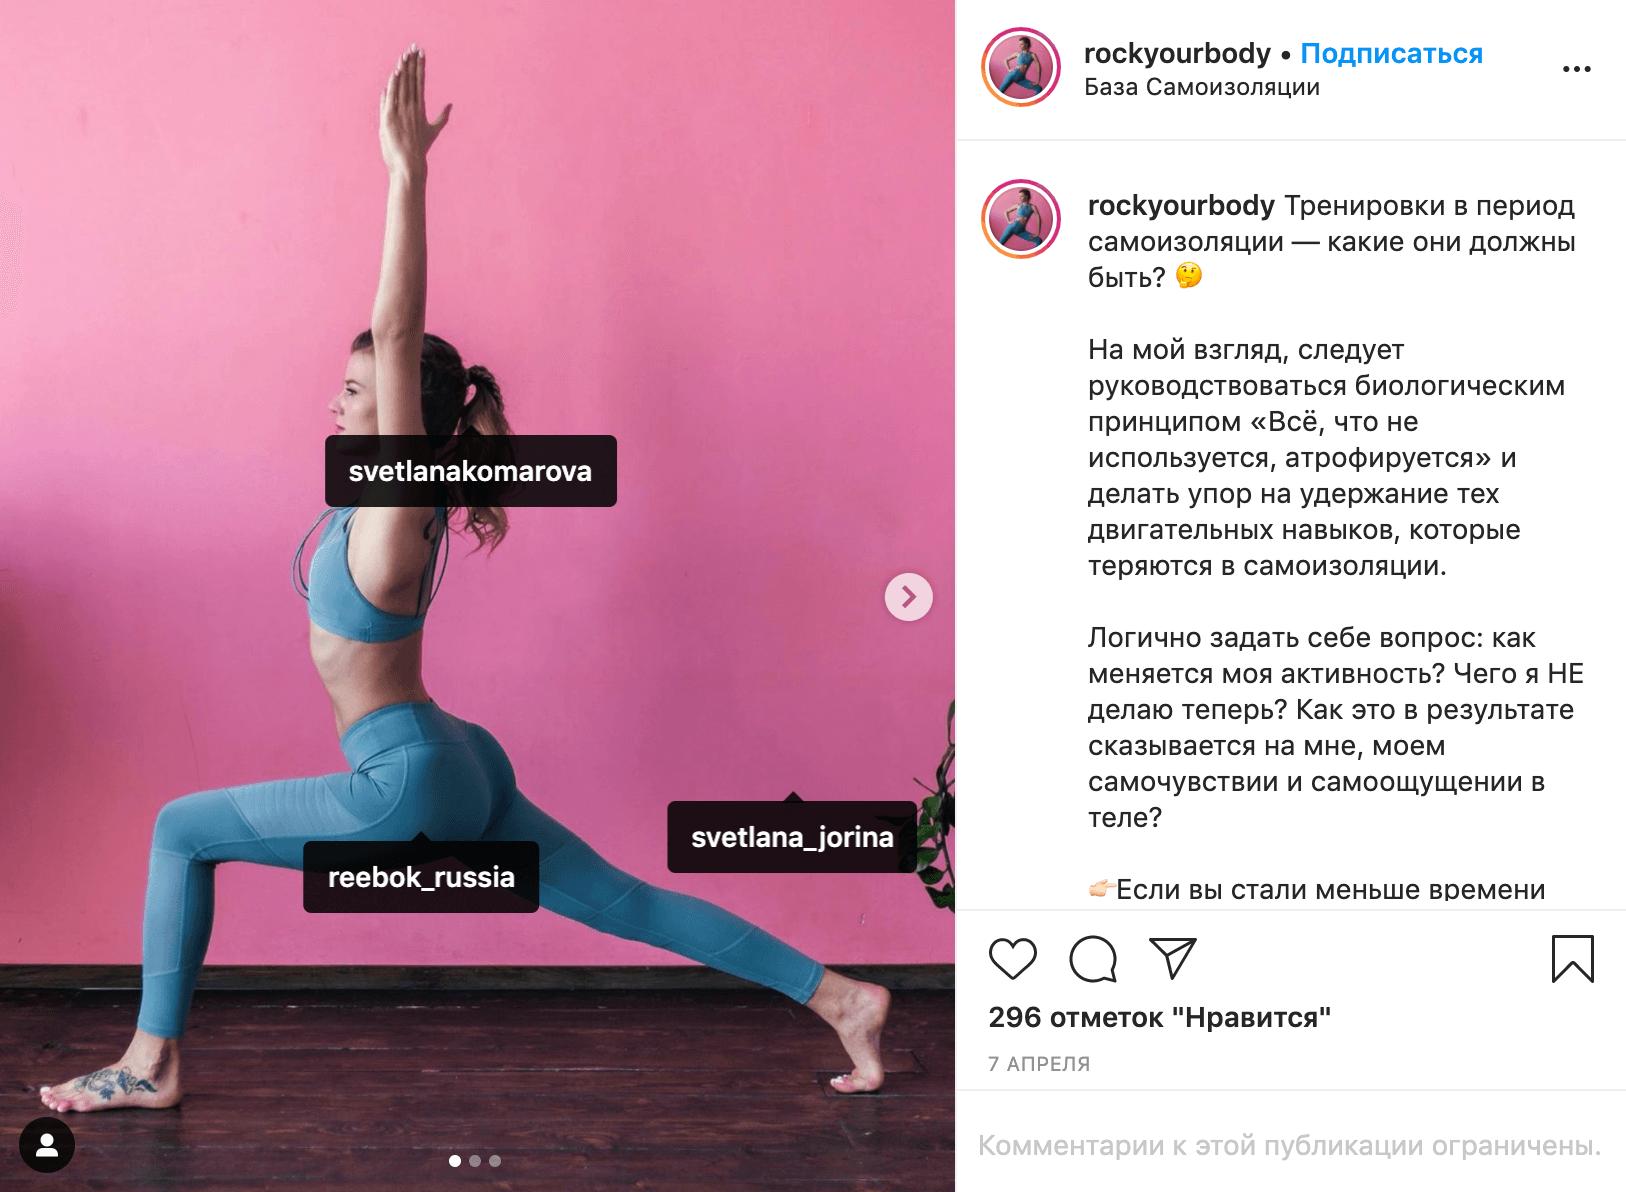 А это пример поста от амбассадора Reebok. Девушка пишет, как тренироваться в период самоизоляции, и показывает упражнения в костюме от этого бренда